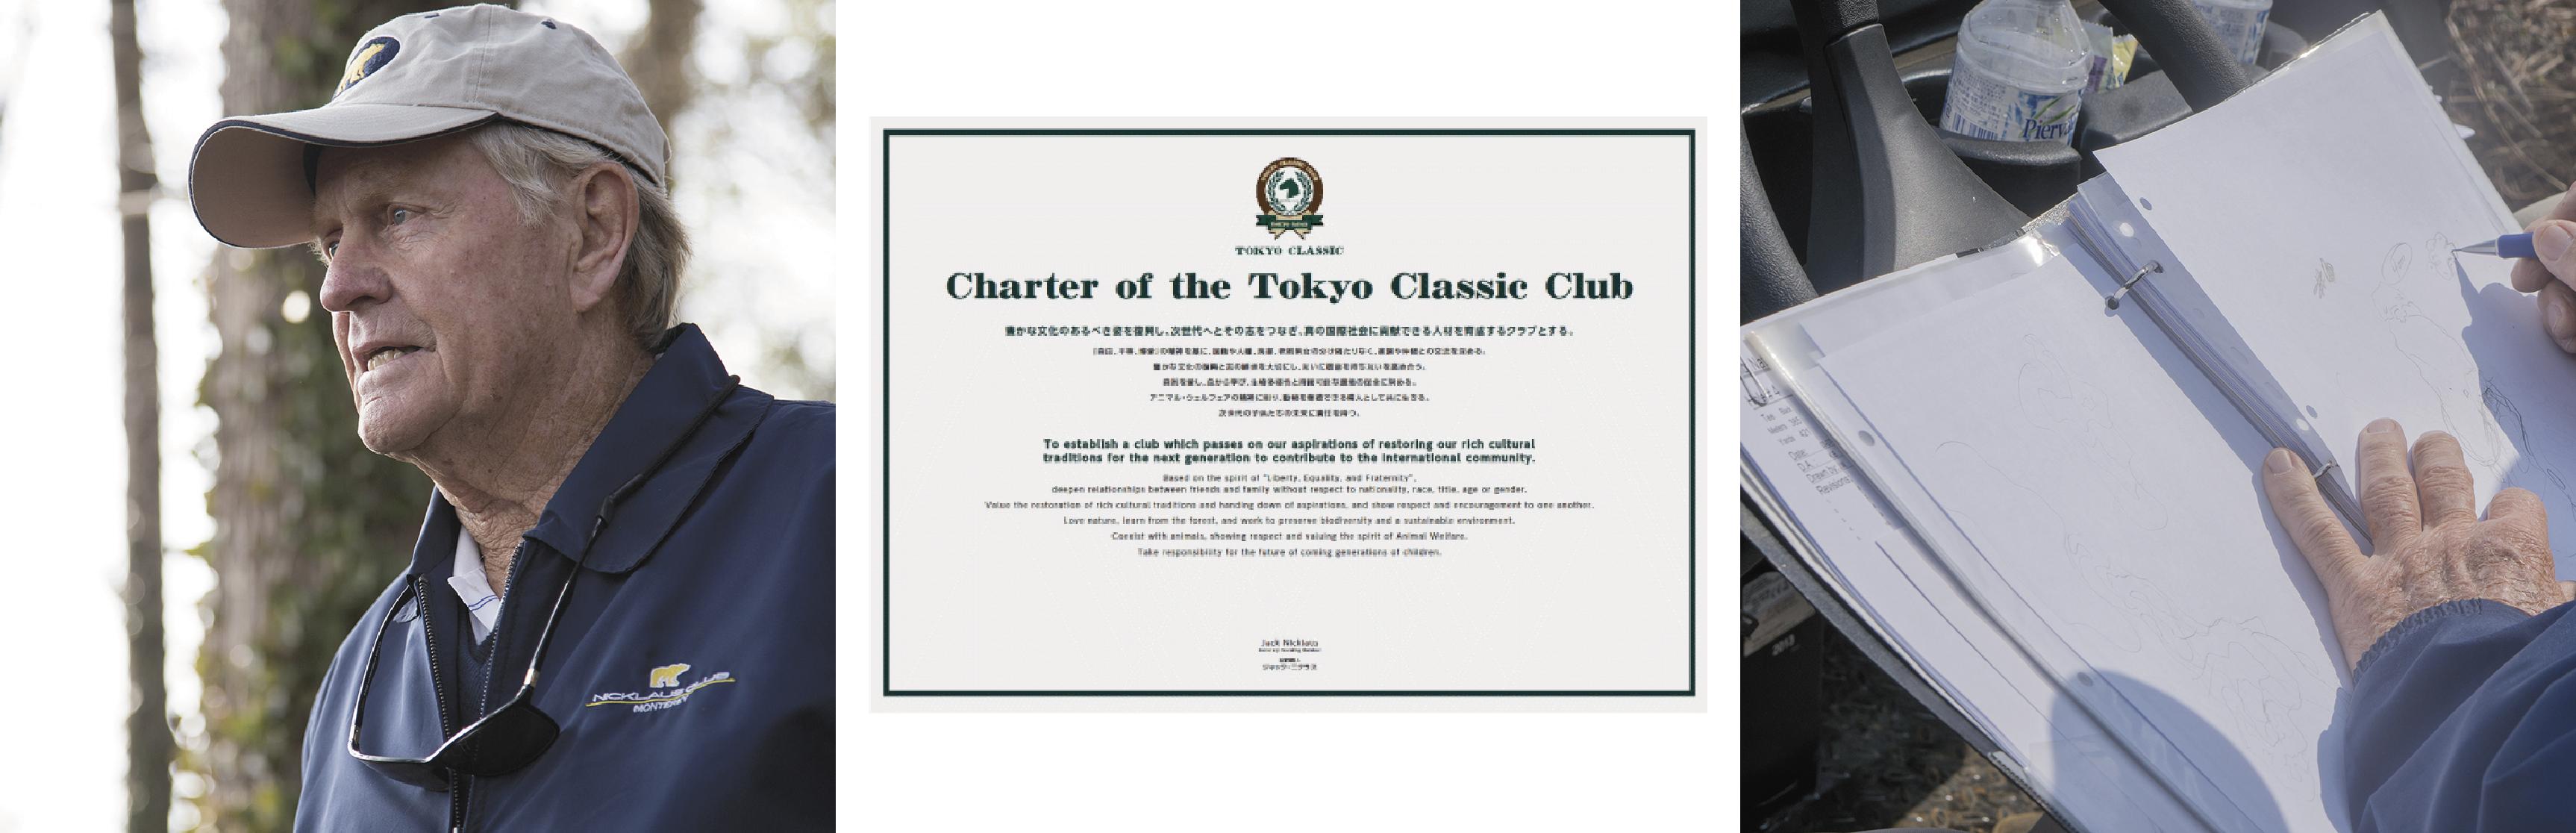 「東京クラシッククラブ」創設